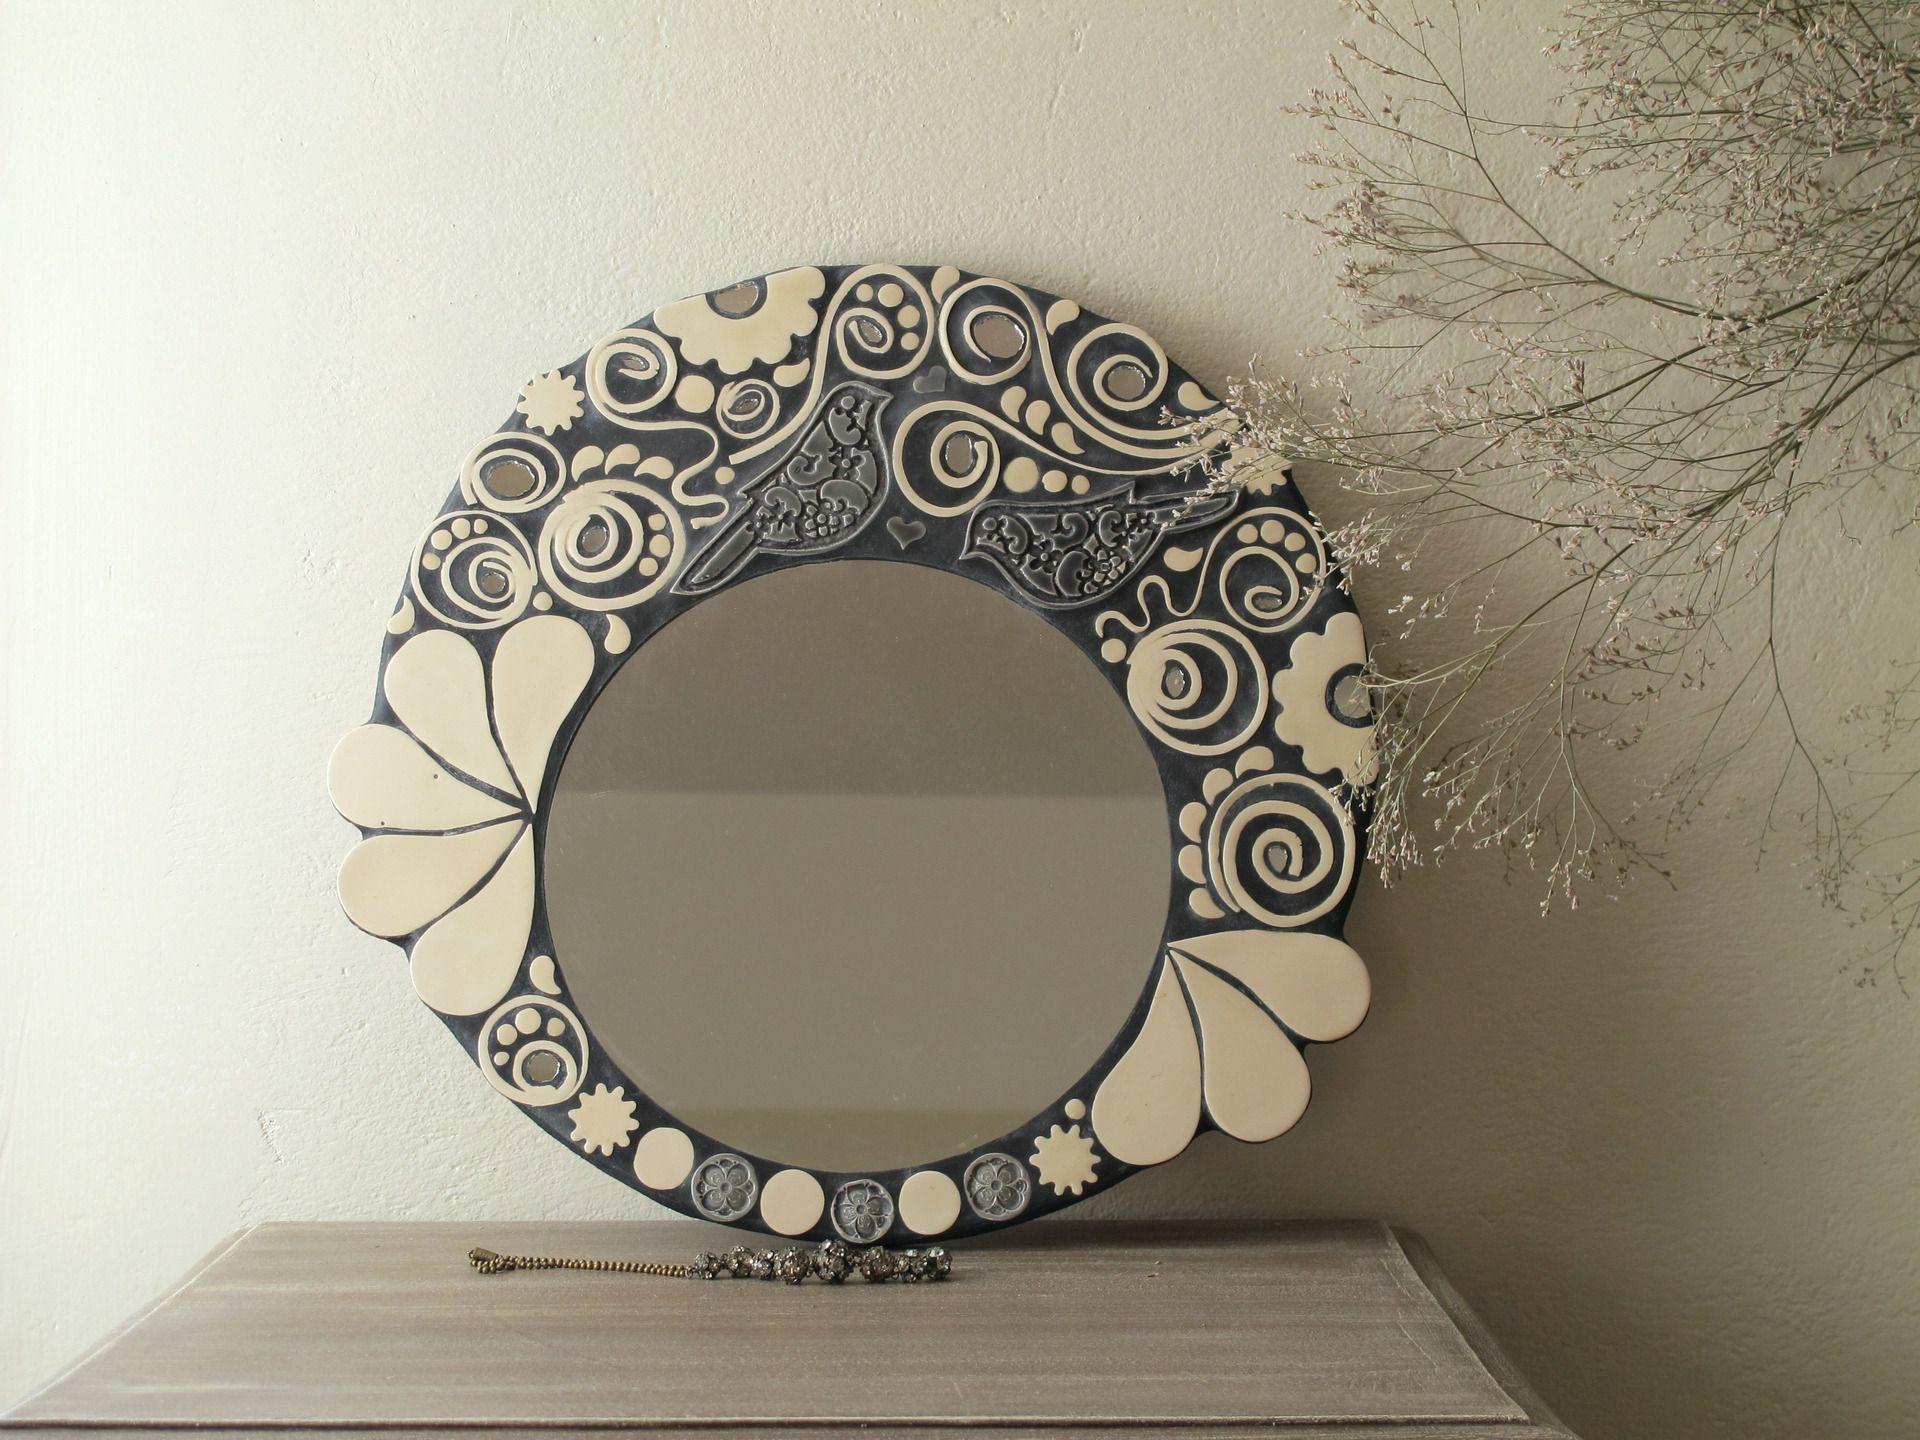 miroir rond mosa que noir et blanc oiseaux volutes fleurs mosaiques par rouge petit coeur. Black Bedroom Furniture Sets. Home Design Ideas